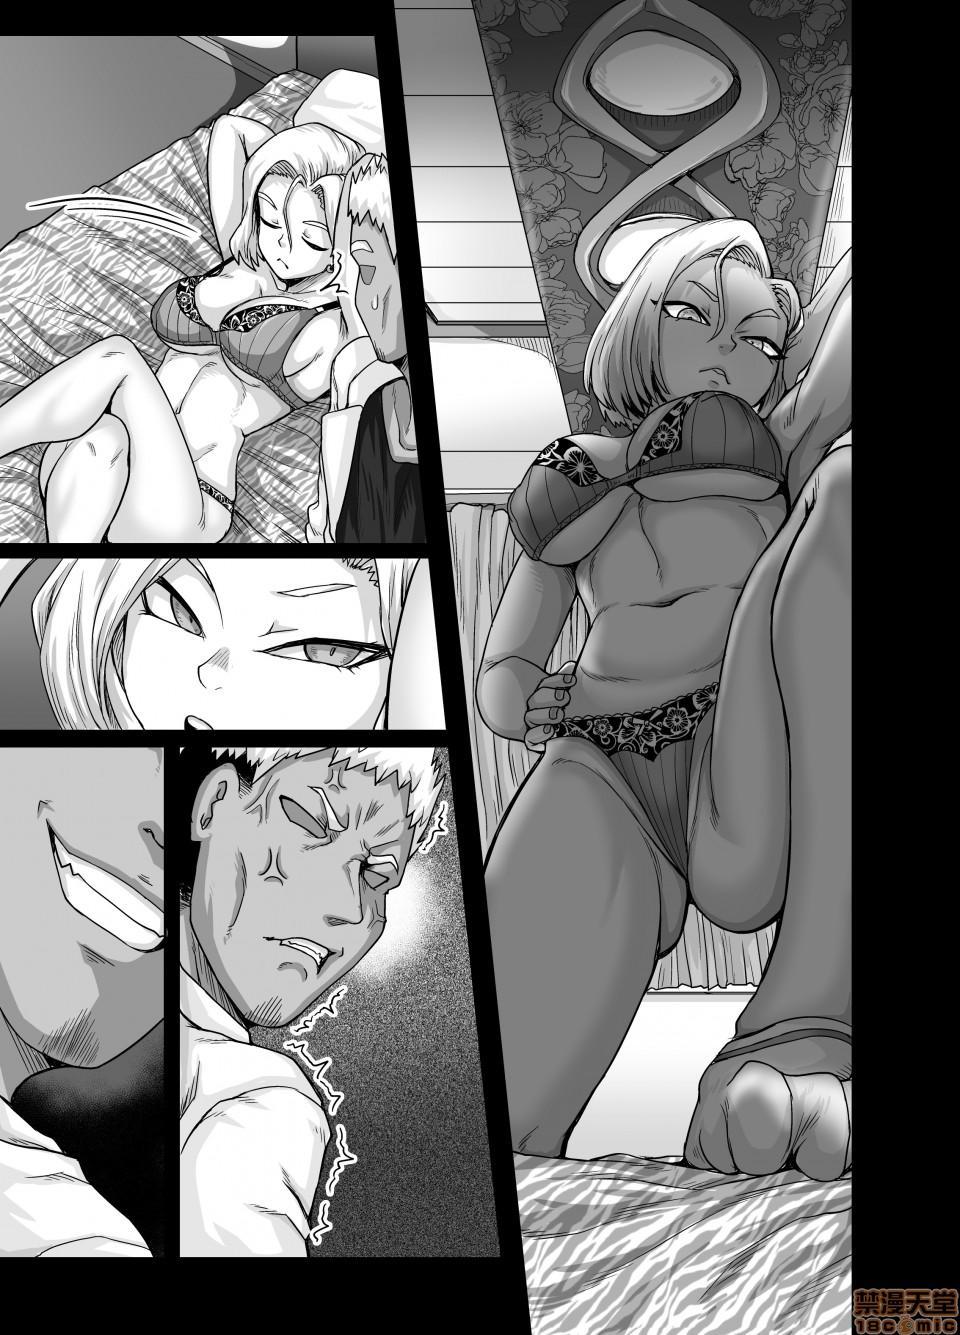 性欲に勝てないオンナ(人造人間)+ フルカラー4ページ漫画(ラフタリア&ツナデ) 43